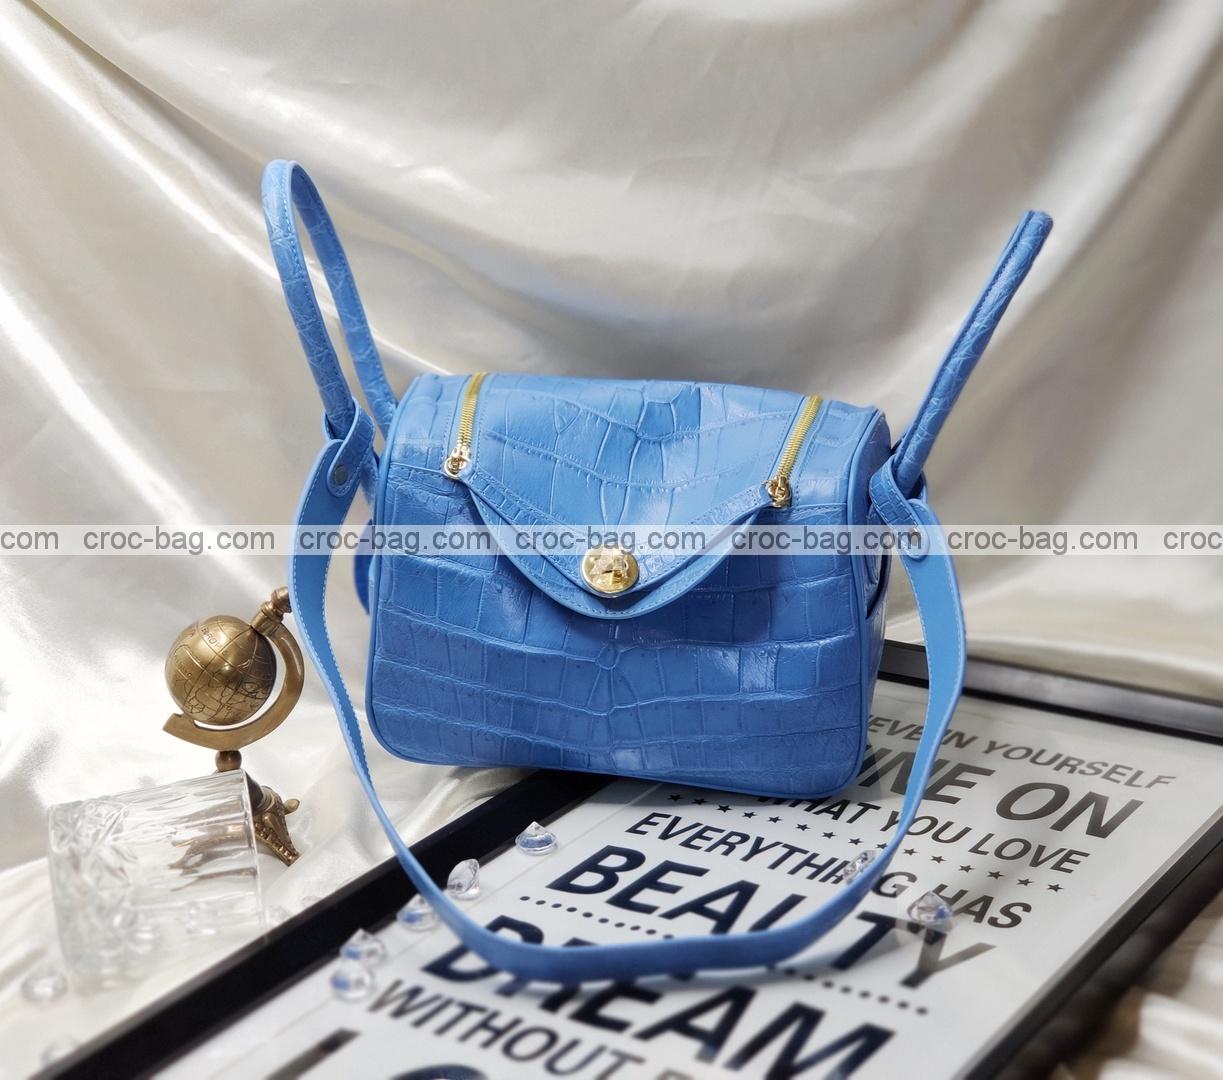 กระเป๋าหนังจระเข้สำหรับผู้หญิง 5267